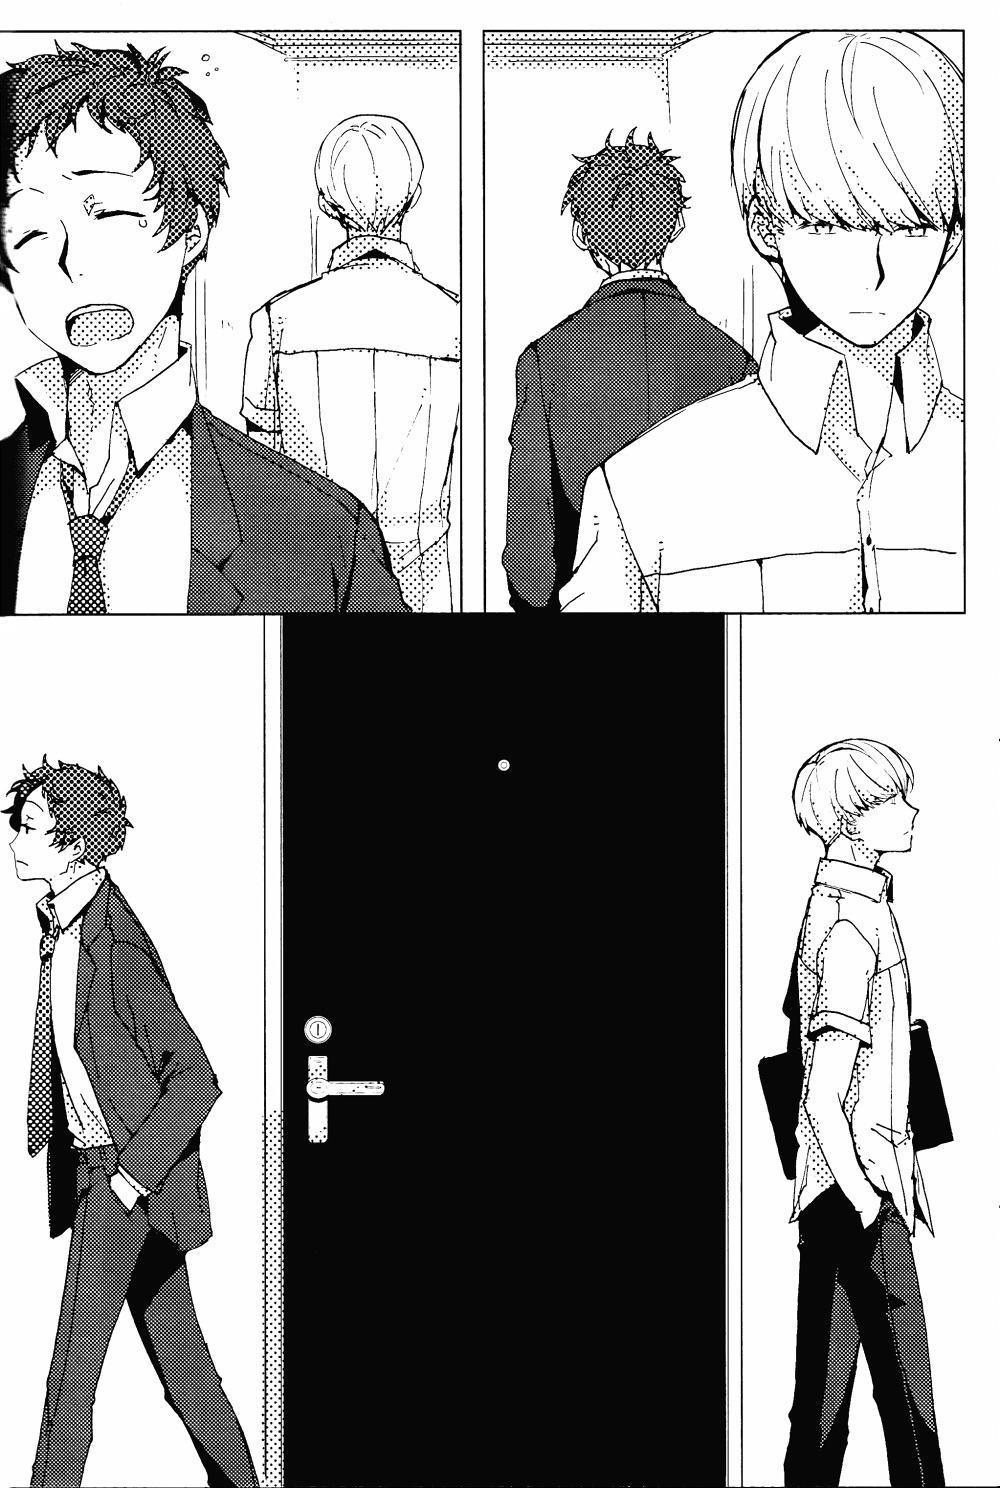 Chia Sẻ Sự Tĩnh Lặng - Tác giả HEART STATION (Ebisushi) - Trang 11